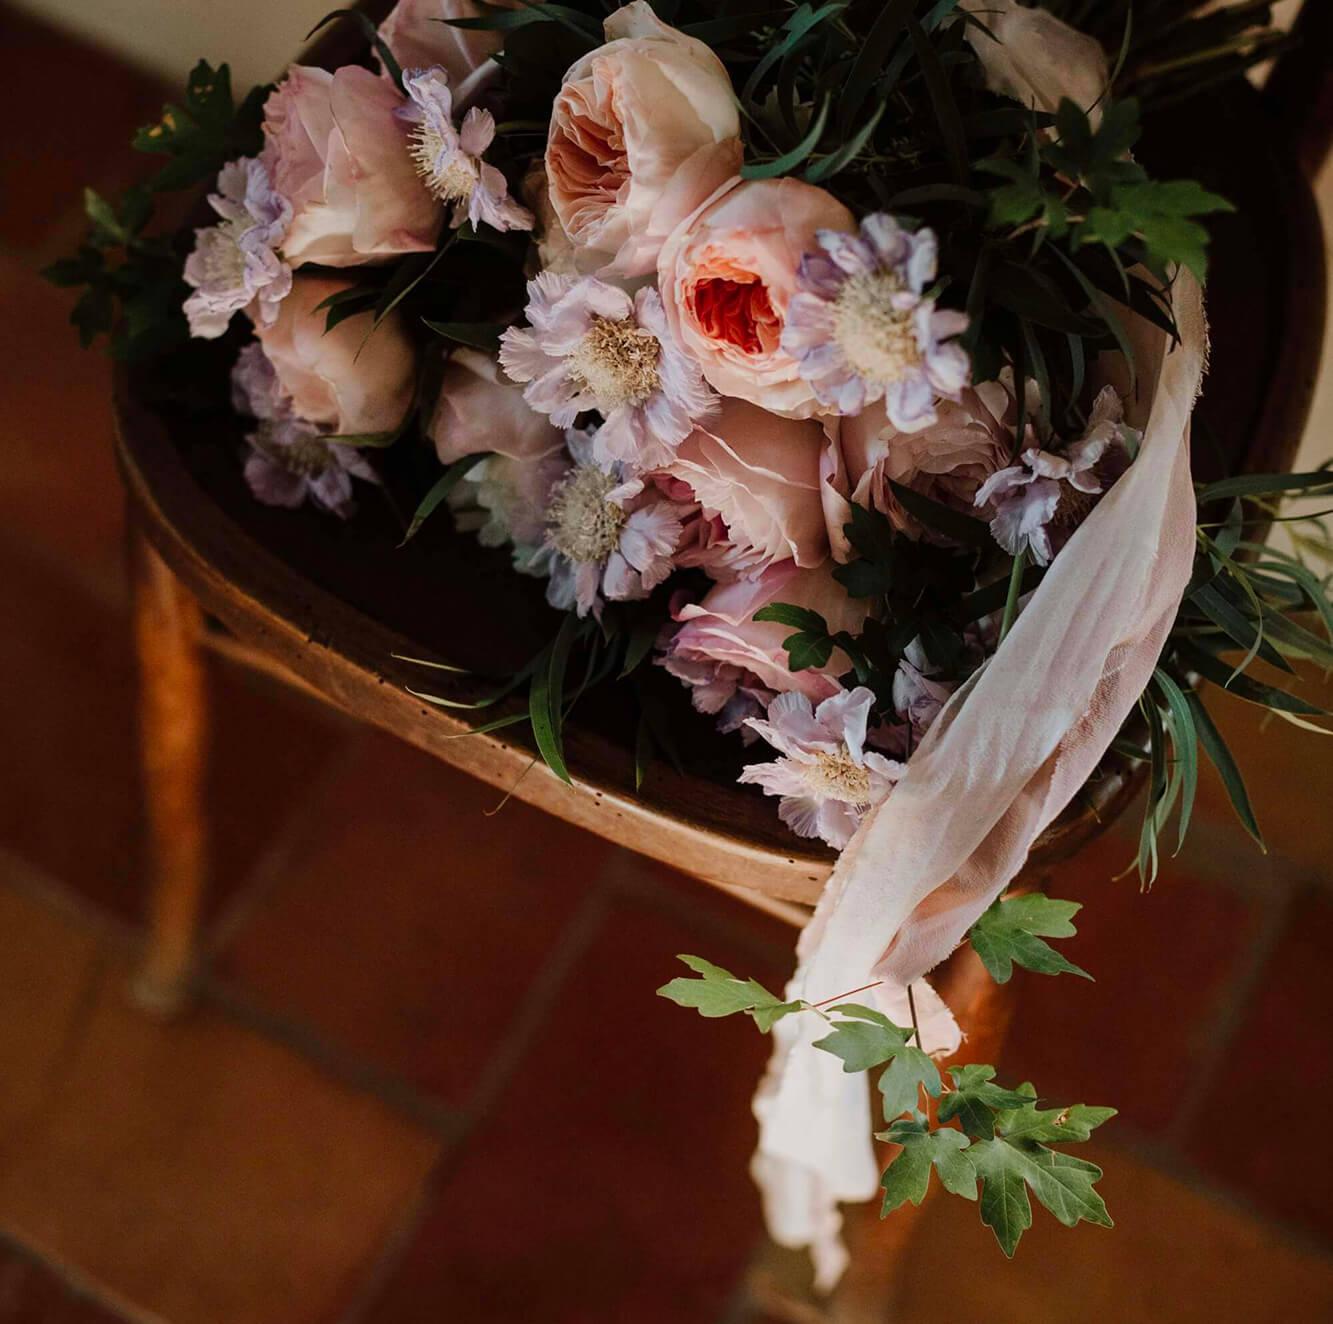 Allestimento floreale per la cerimonia di matrimonio e party in Toscana, Firenze, Pisa, Siena. Giulia Alessandri Wedding Planner: progettazione e coordinazione matrimoni in Toscana.